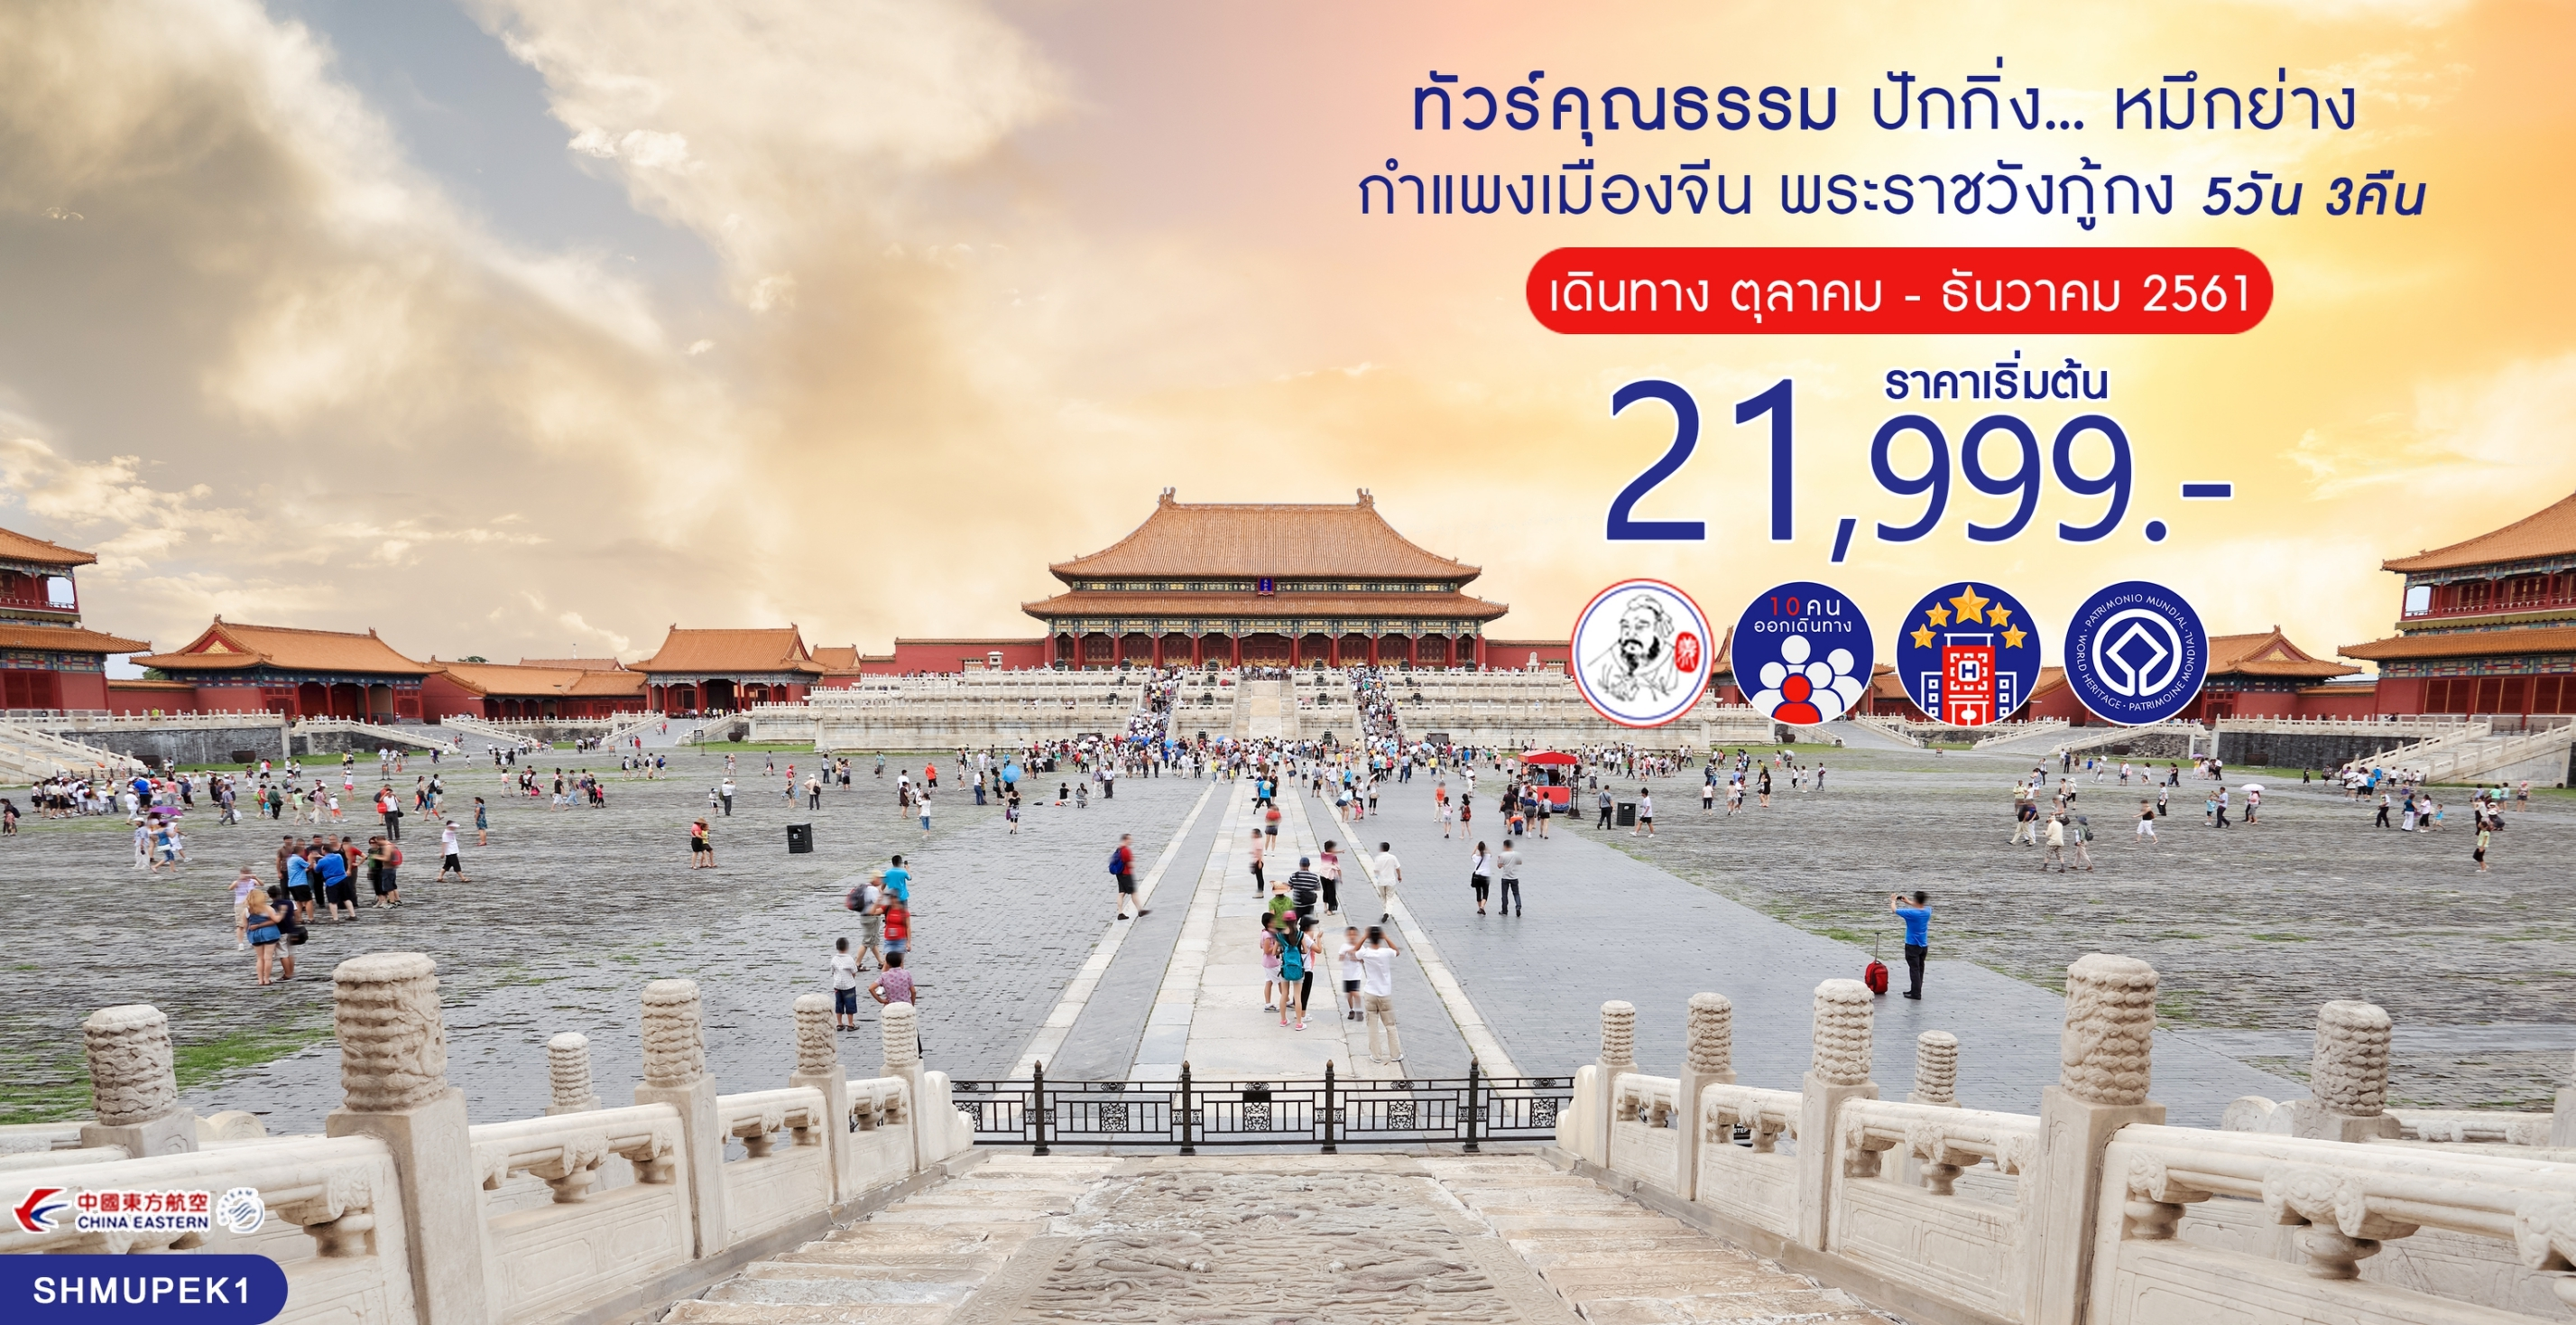 ทัวร์จีน ทัวร์คุณธรรม ทัวร์ปักกิ่ง...หมึกย่าง กำแพงเมืองจีน พระราชวังกู้กง 5 วัน 3 คืน (MU)